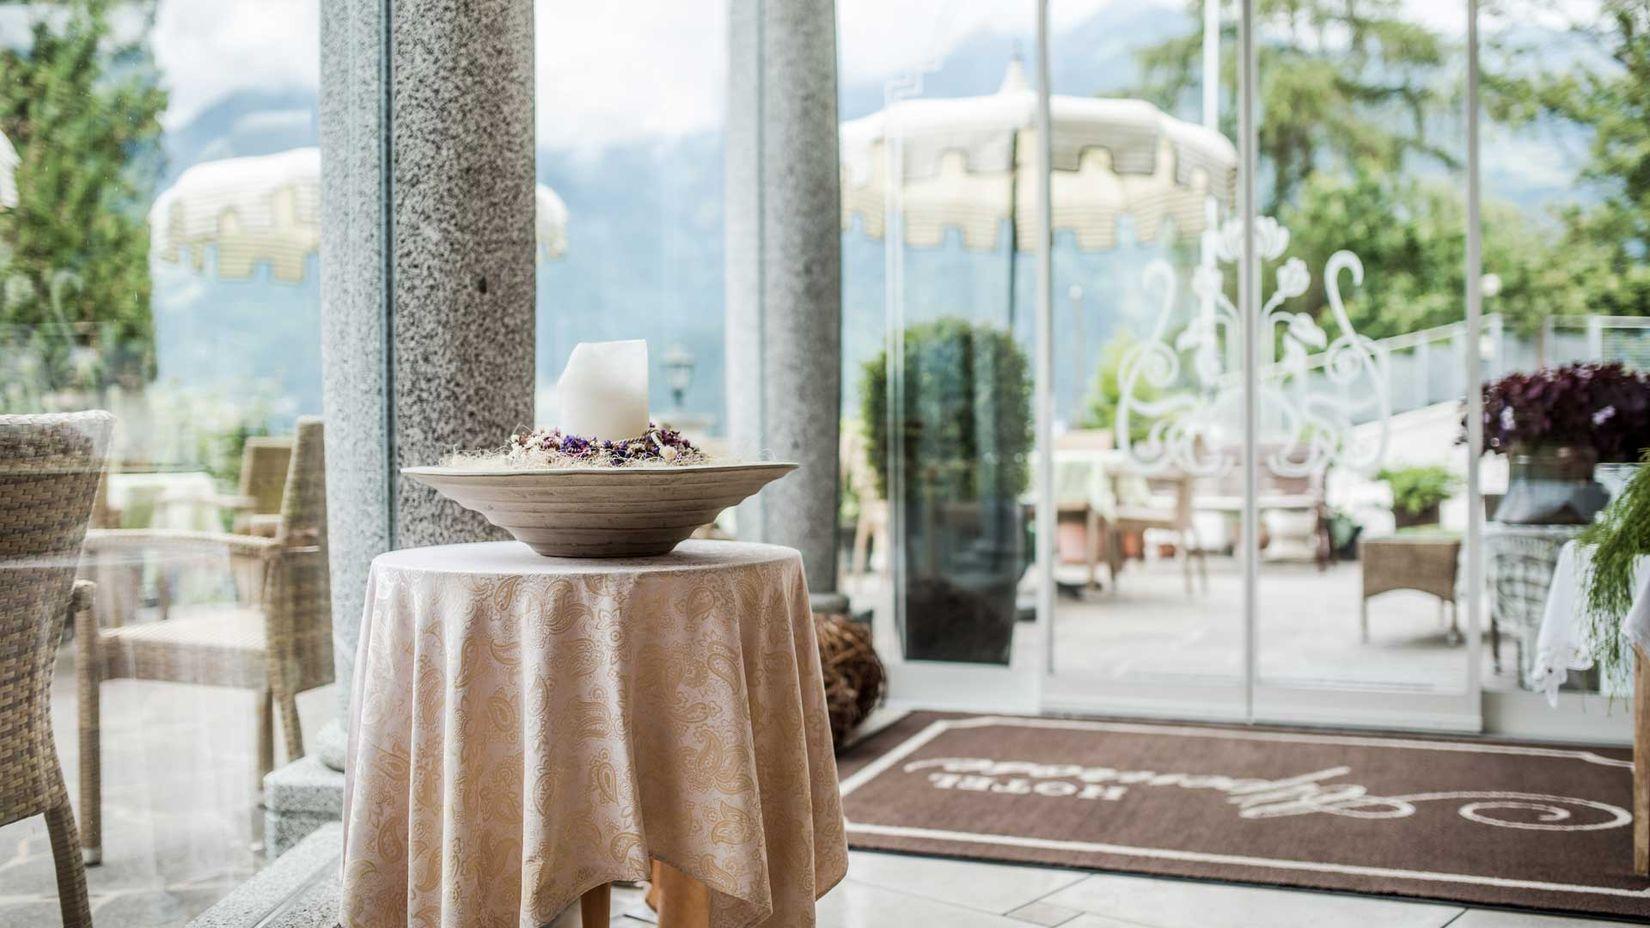 Hotel Schenna 3 Sterne Hotel Alpenrose Bei Meran